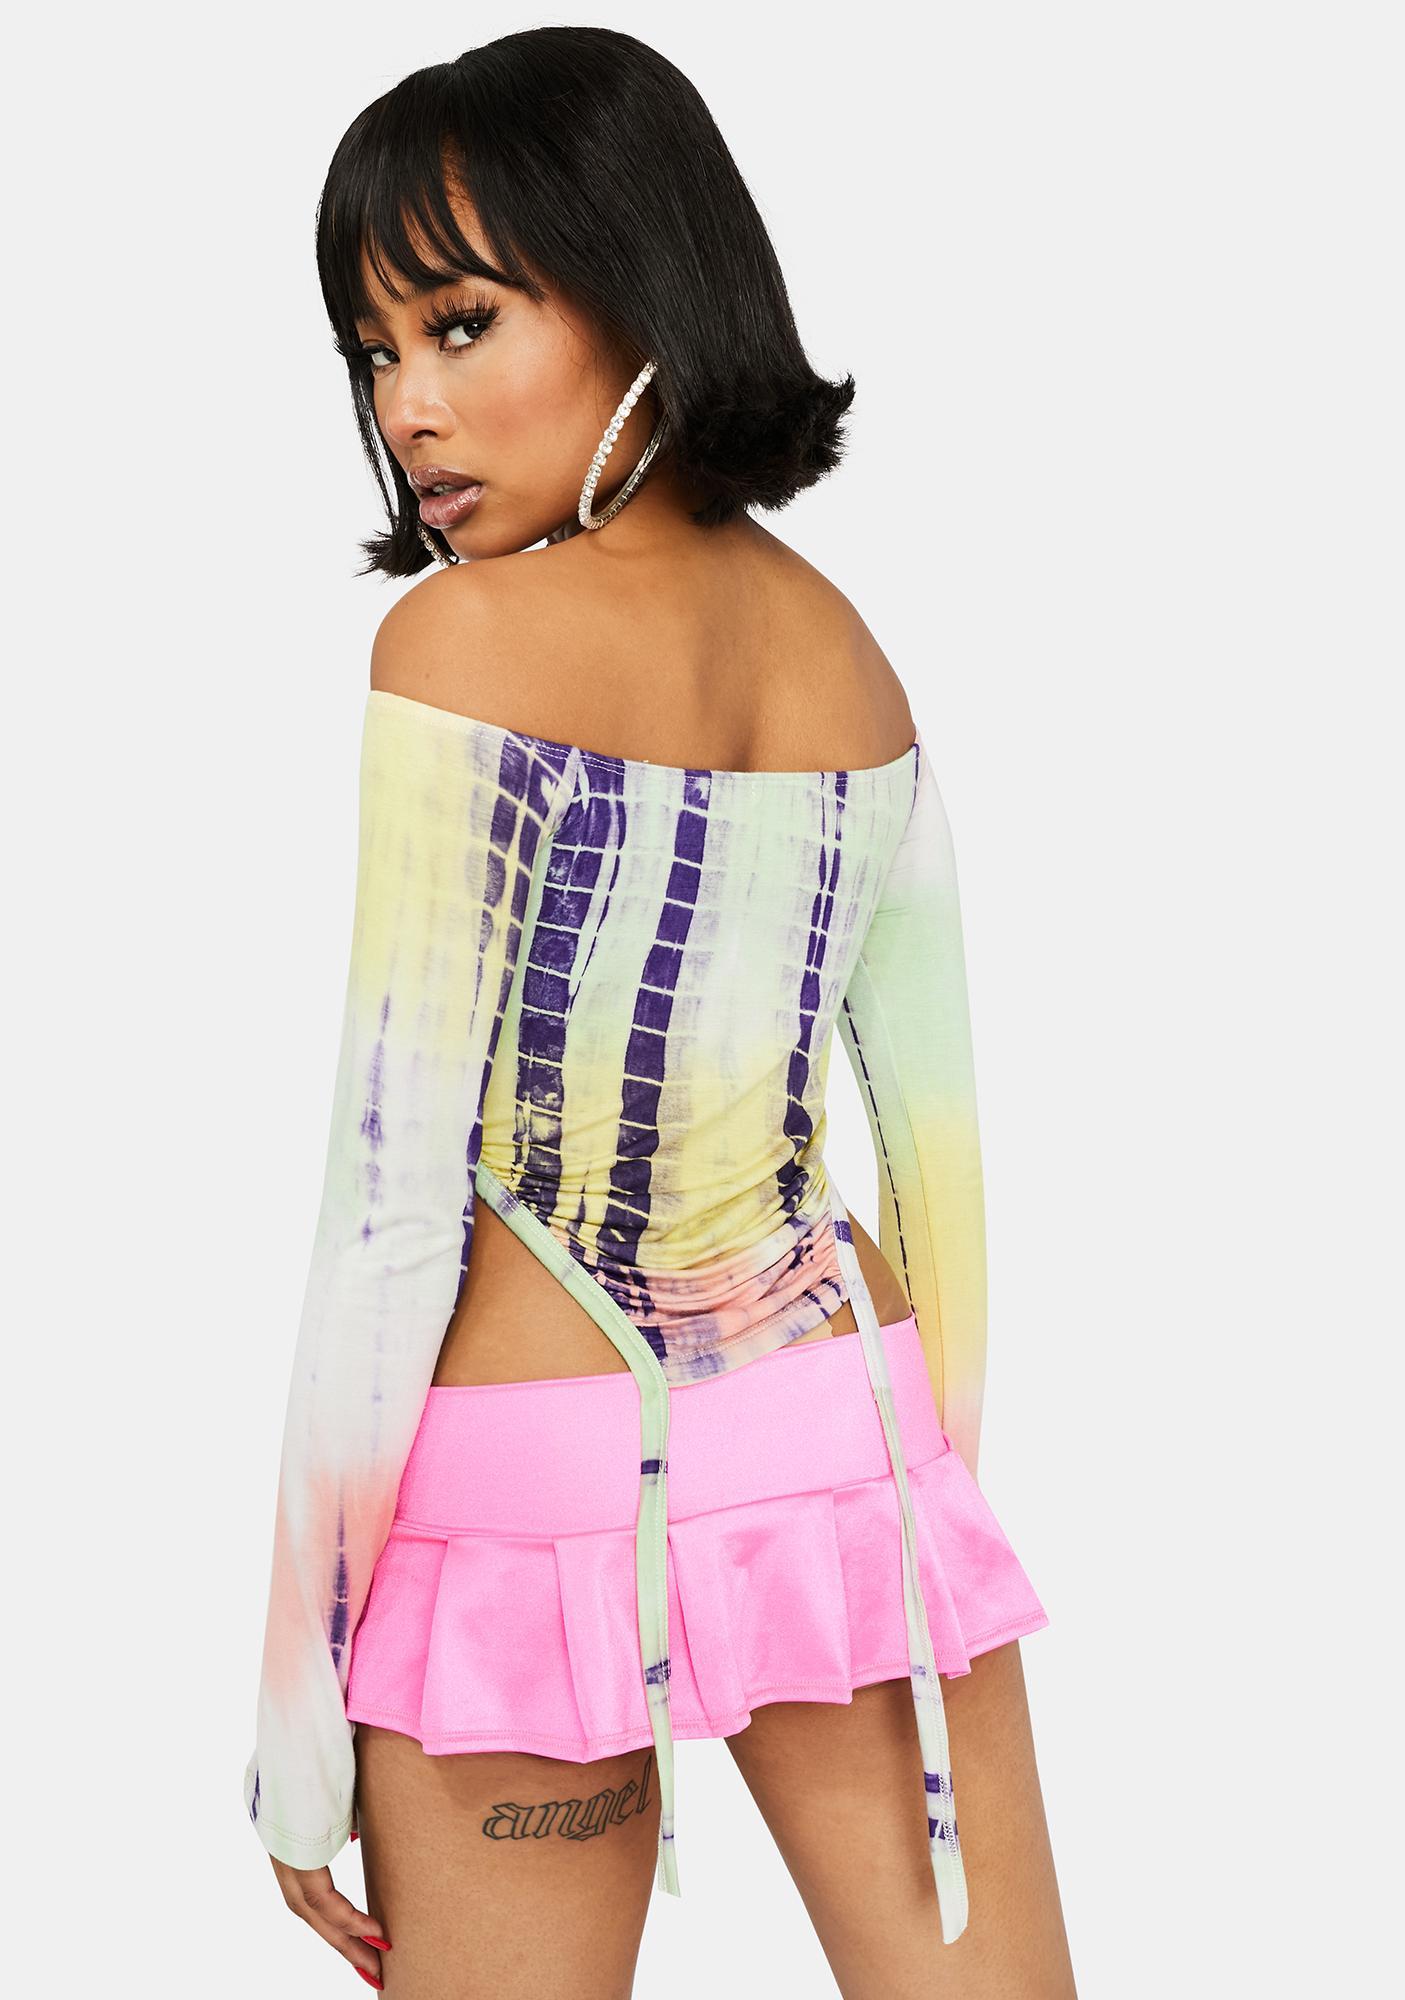 Ur Local Princess Off Shoulder Tie Dye Top